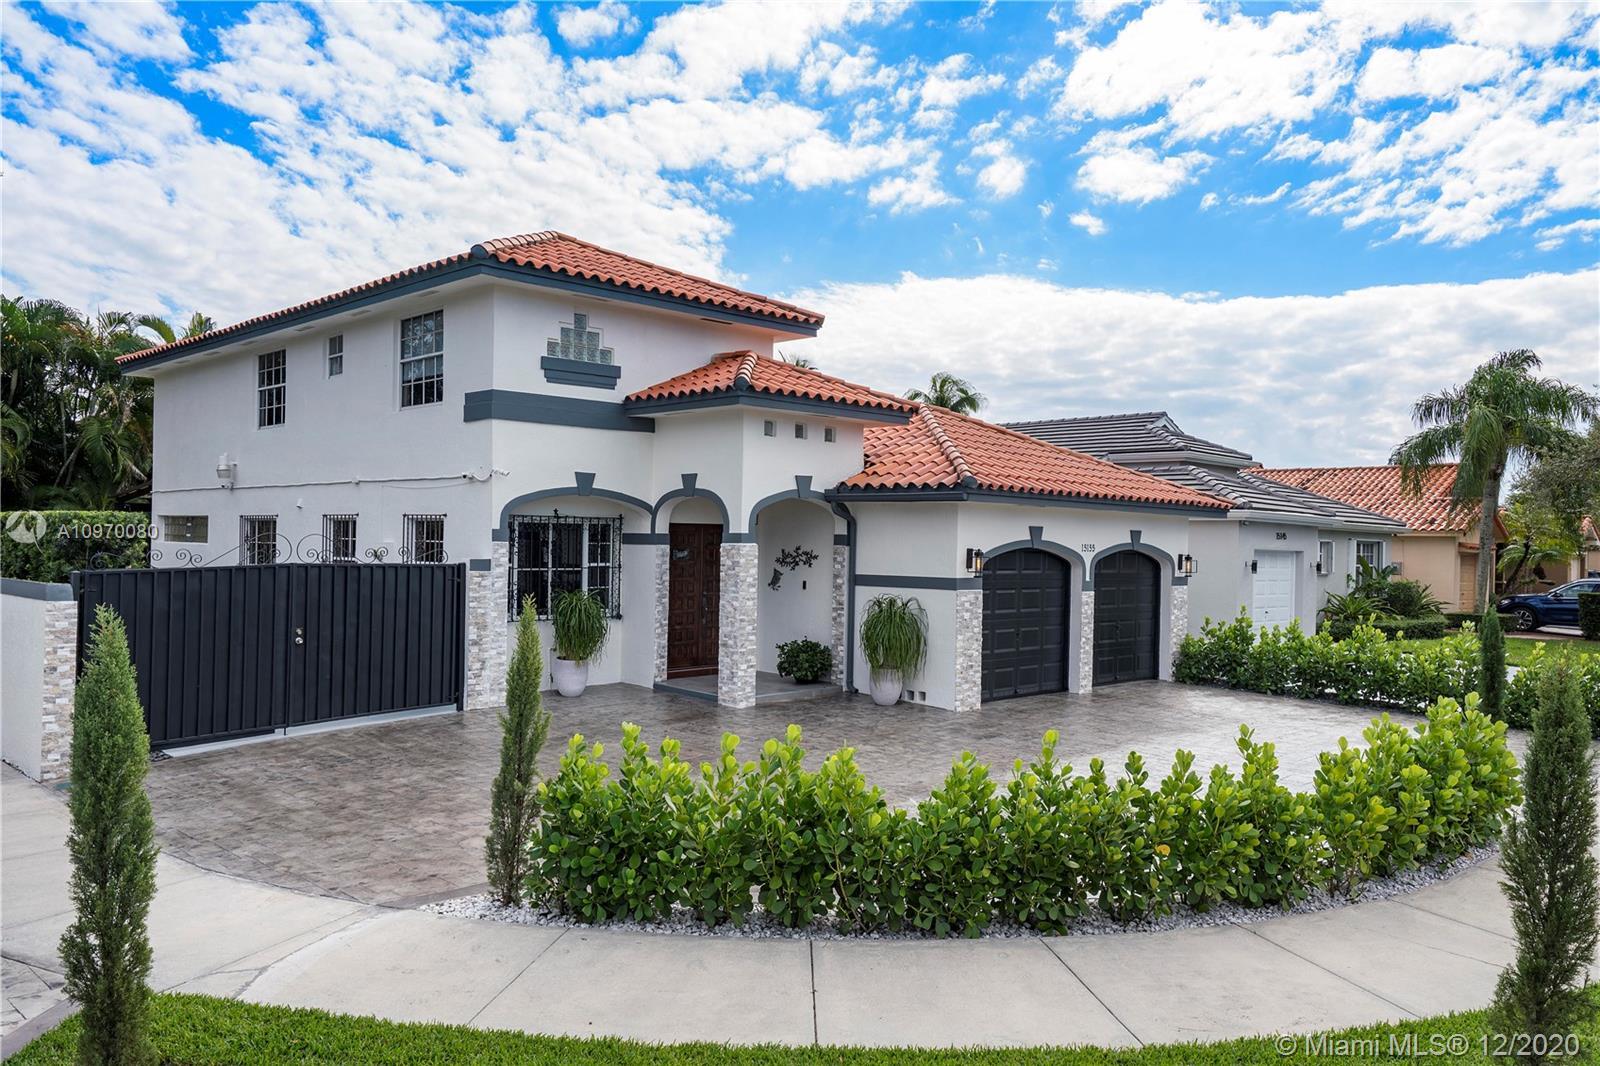 West Lakes Gardens - 15155 NW 89th Ct, Miami Lakes, FL 33018